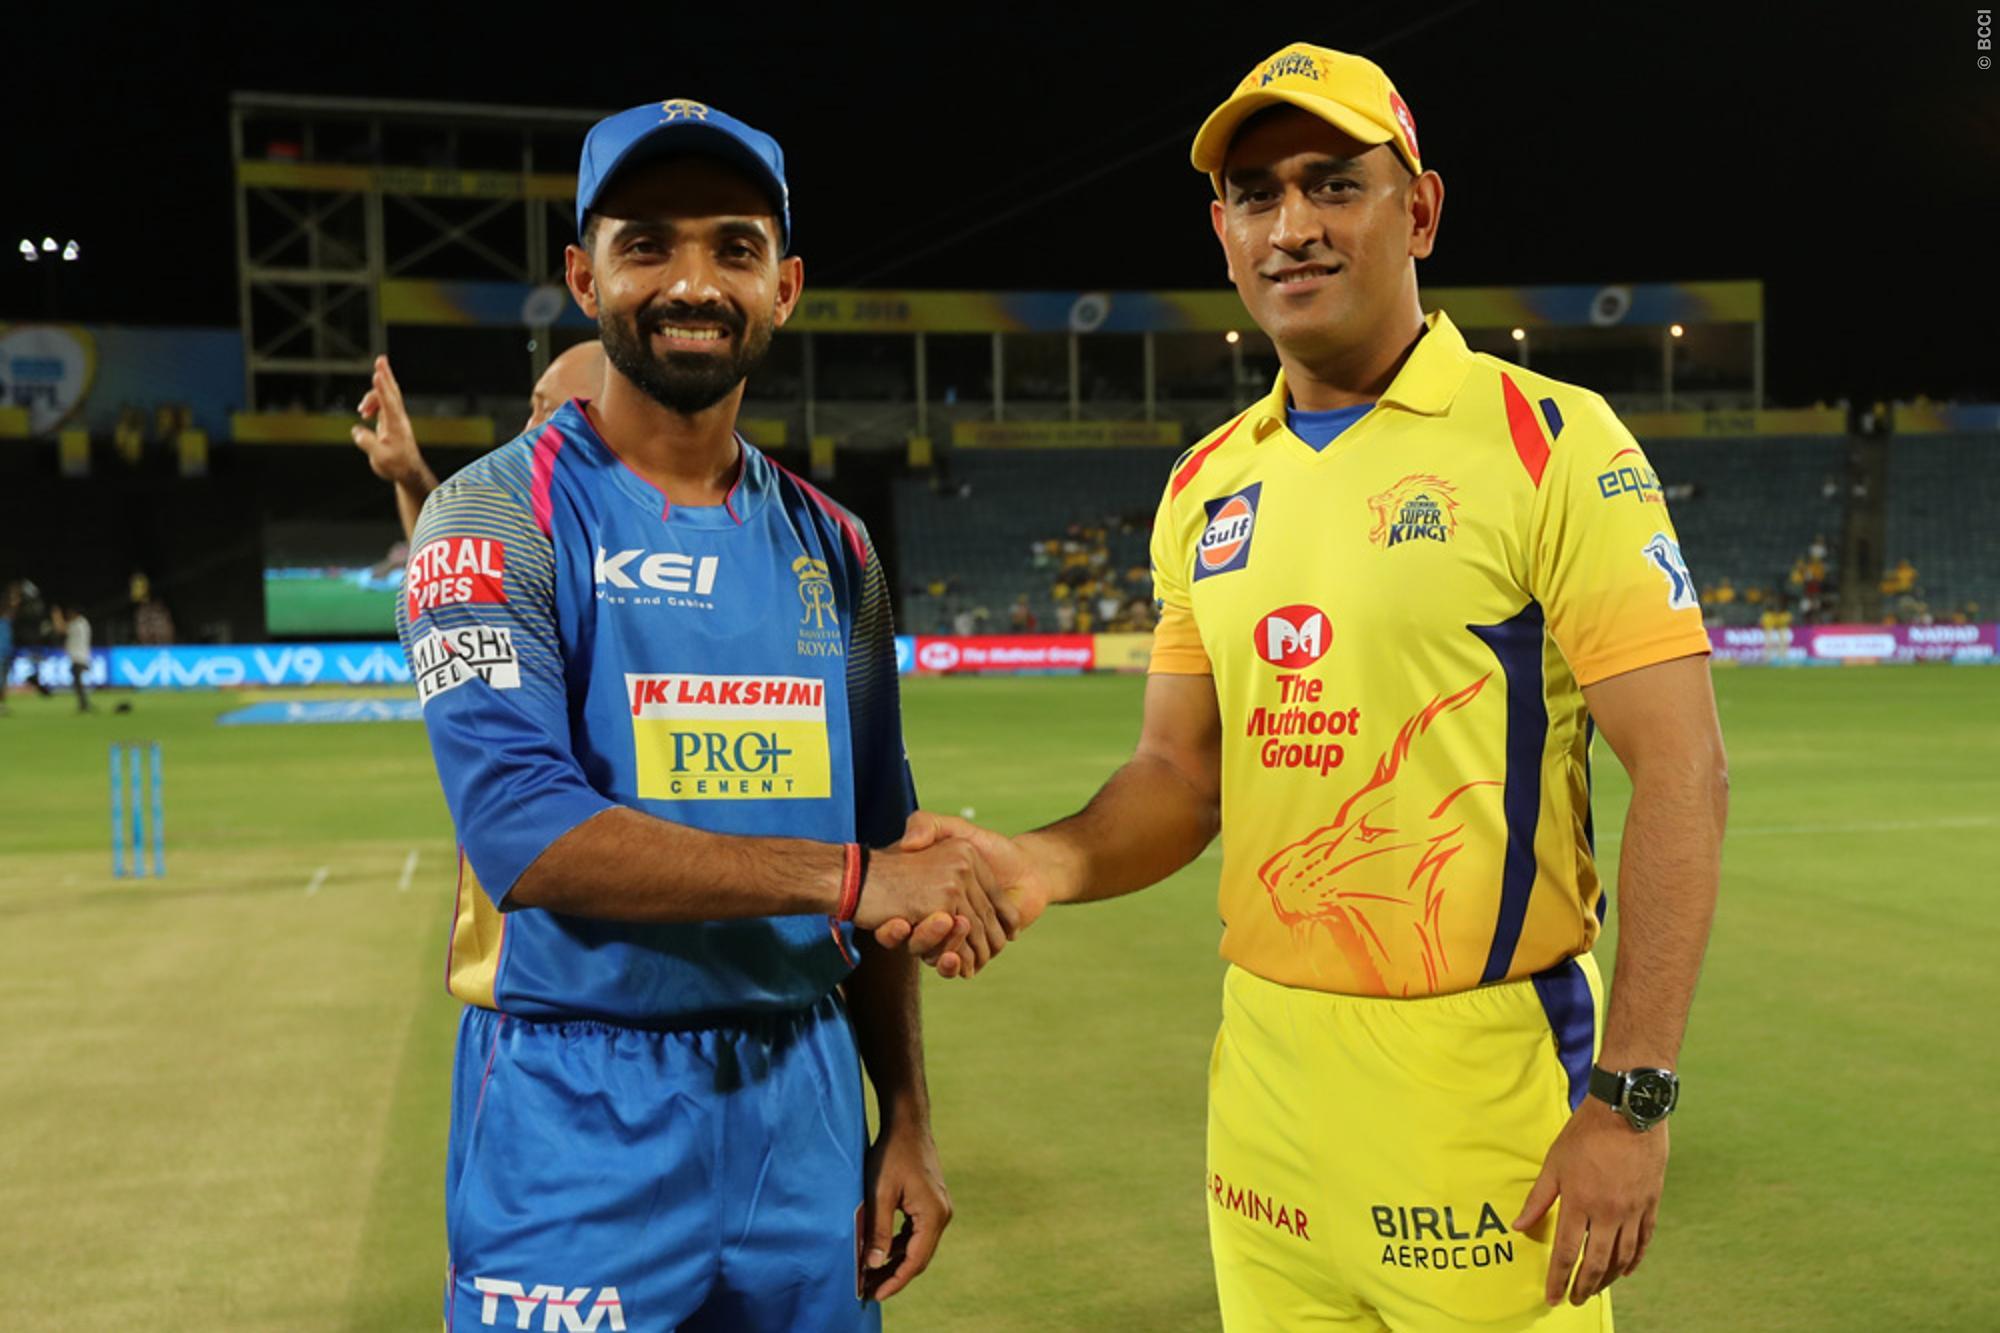 STATS: चेन्नई सुपर किंग्स बनाम राजस्थान रॉयल्स के बीच मैच में बने कुल 6 रिकॉर्ड, तो ऐसा करने वाले दुनिया के एकलौते बल्लेबाज बने शेन वाटसन 3